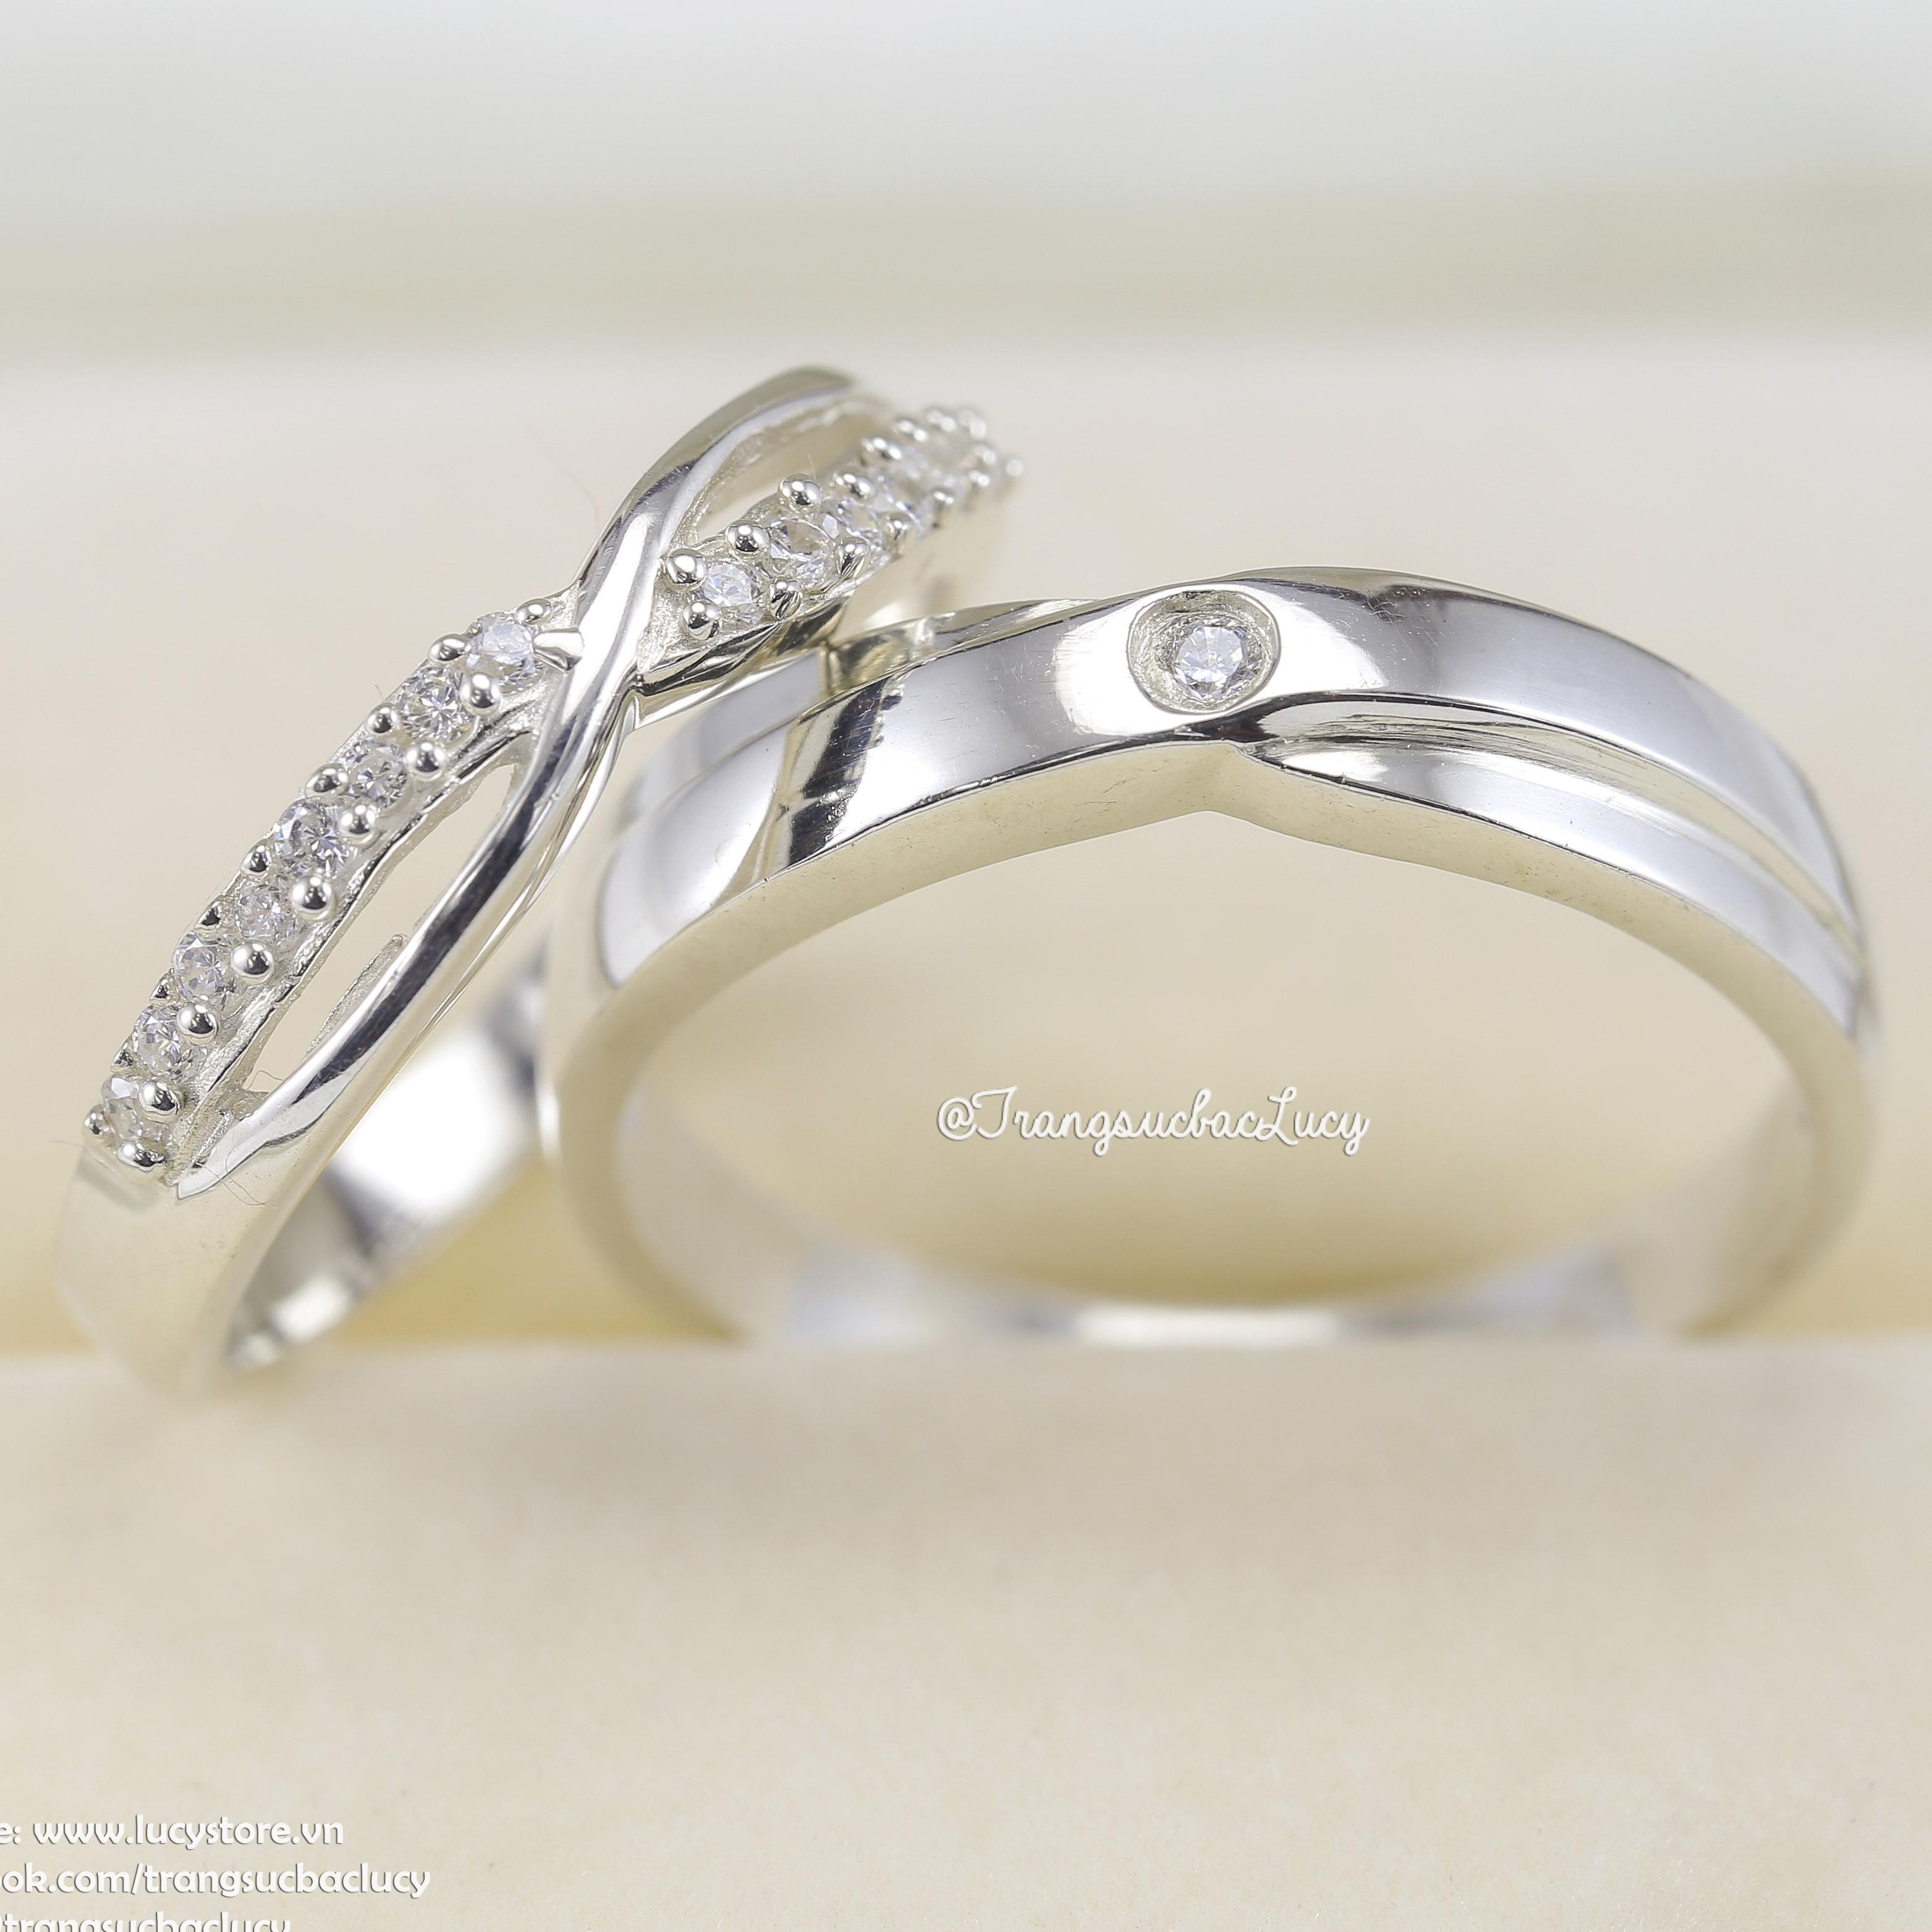 Nhẫn đôi nhẫn cặp bạc Lucy - ND038